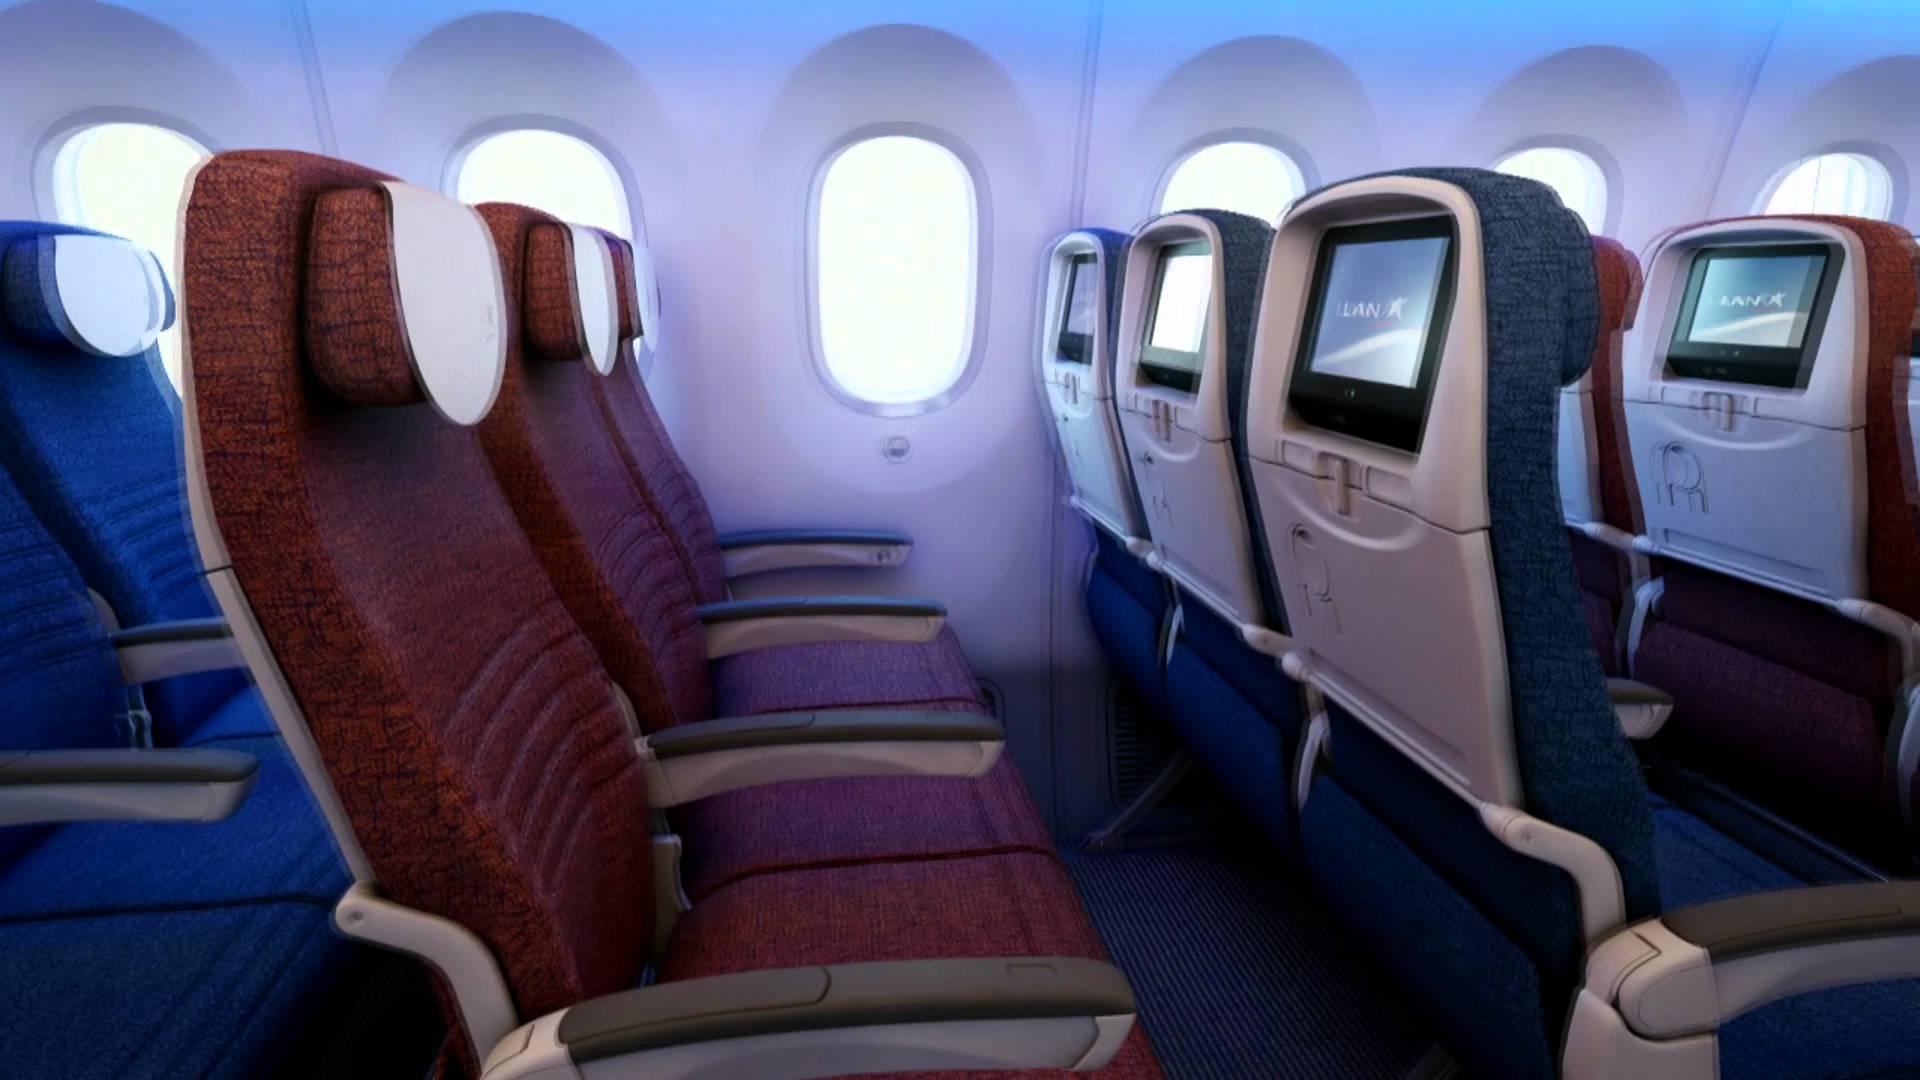 La aventura de viajar por colombia ecoturismo colombia for Interior 787 avianca